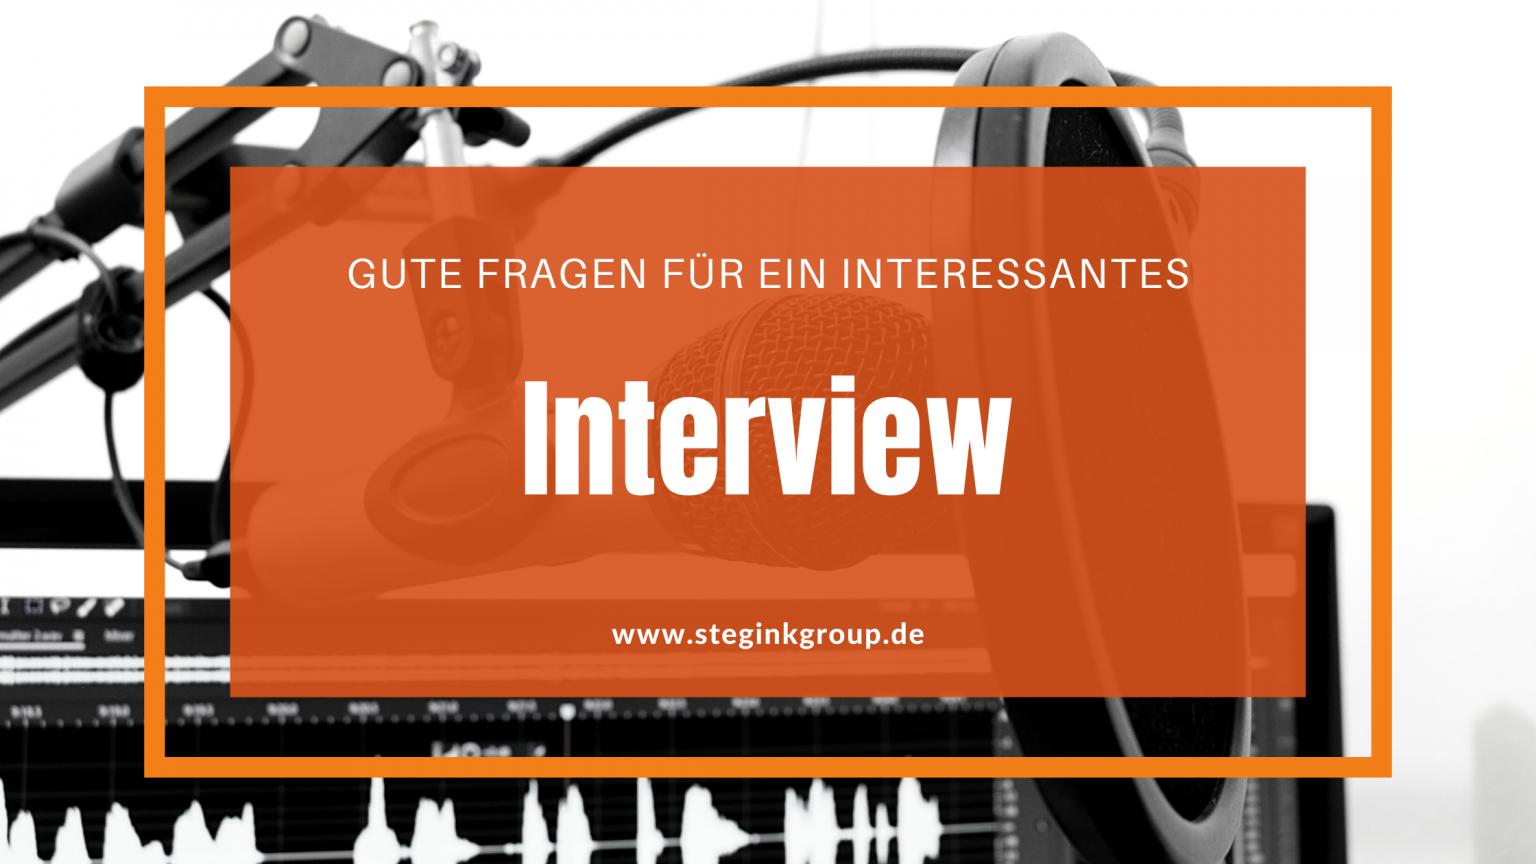 Gute Fragen und Tipps für ein spannendes Interview